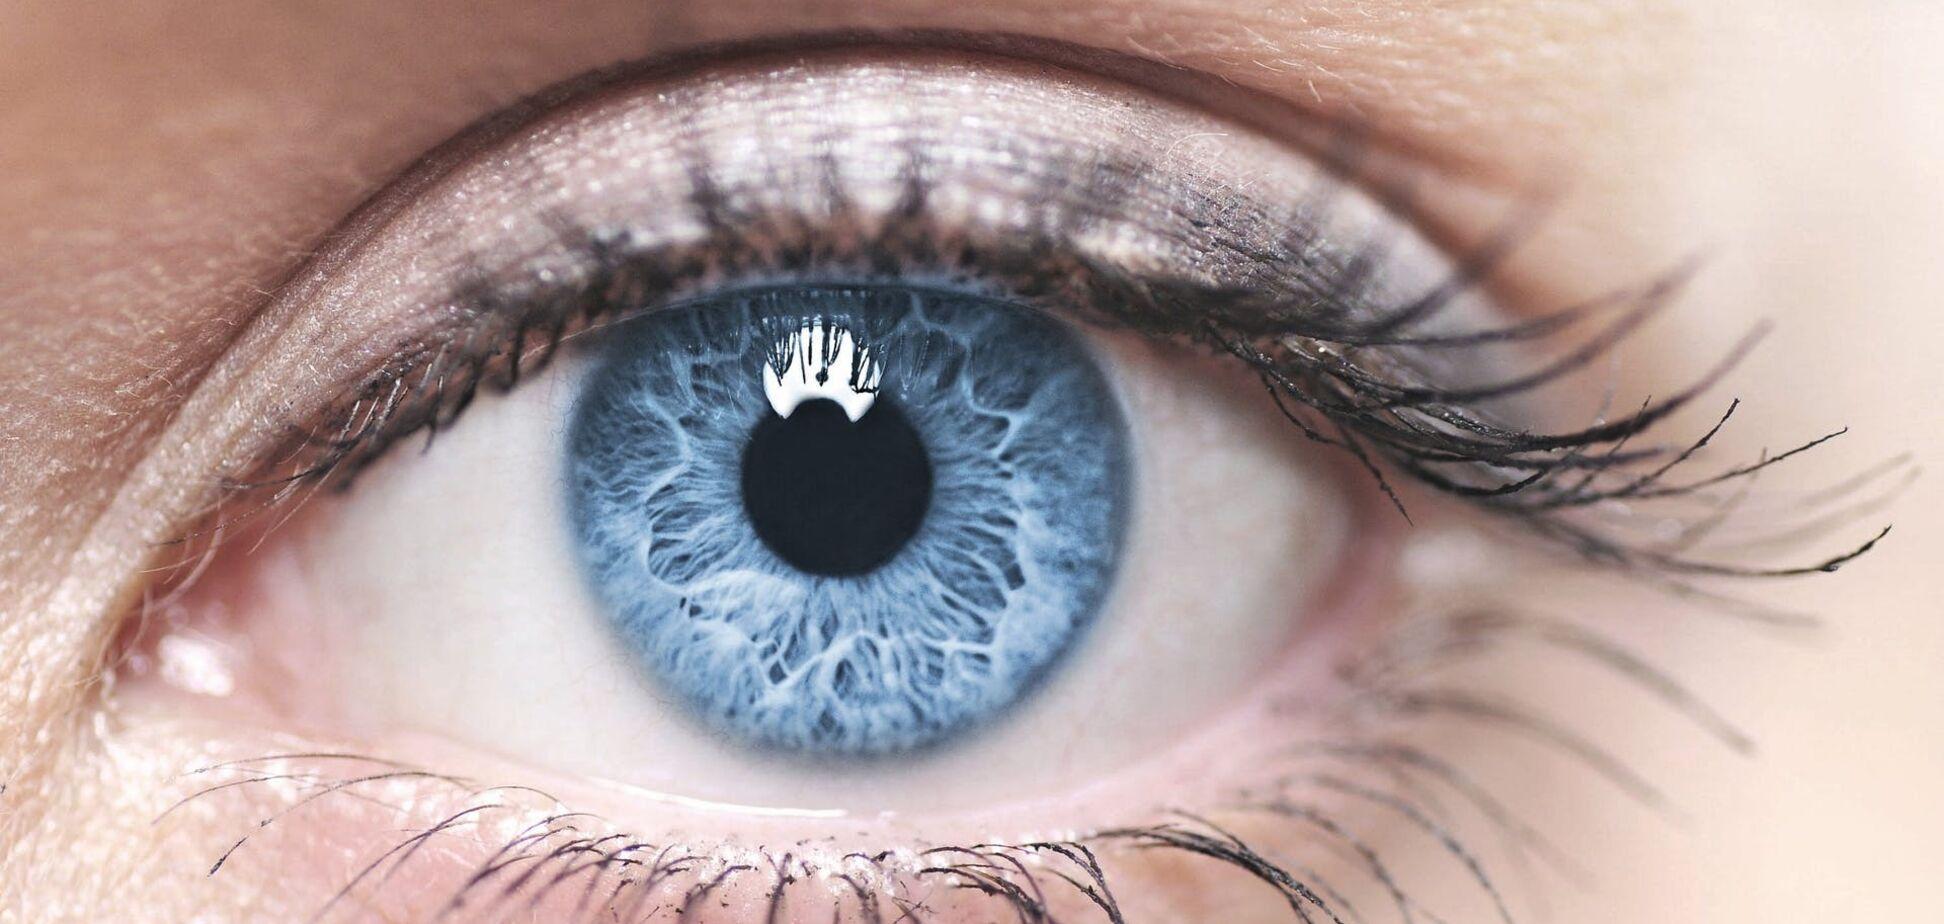 Ученые связали цвет глаз и предрасположенность к болезням